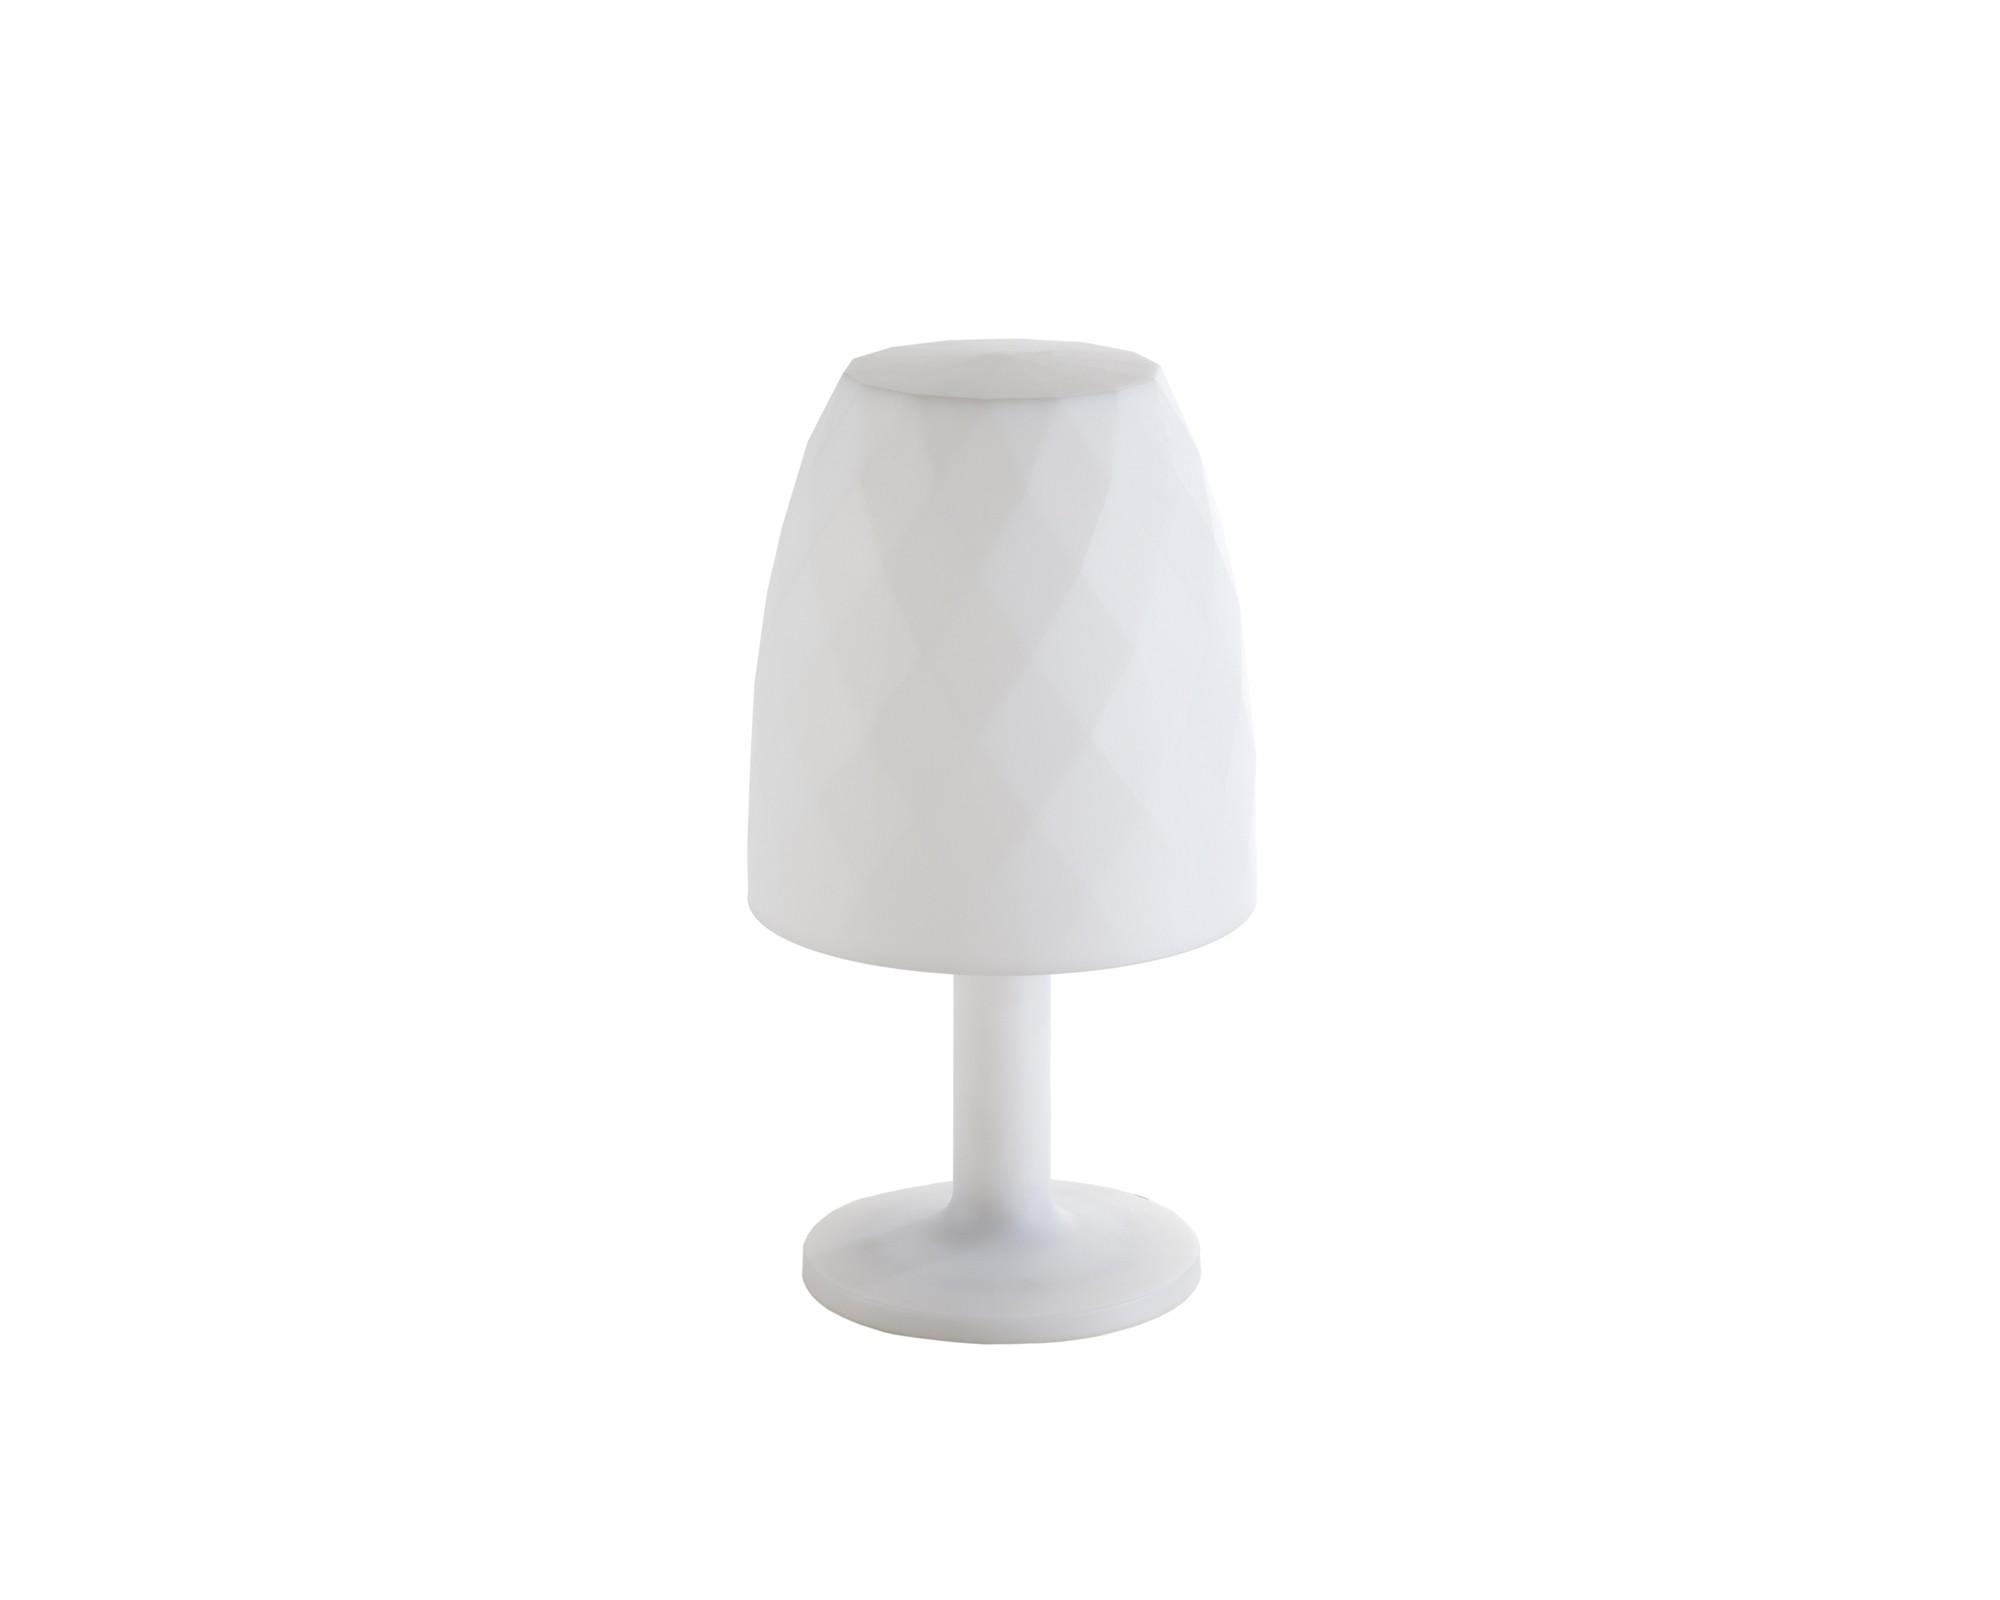 Floor lamp vases floor lamp reviewsmspy